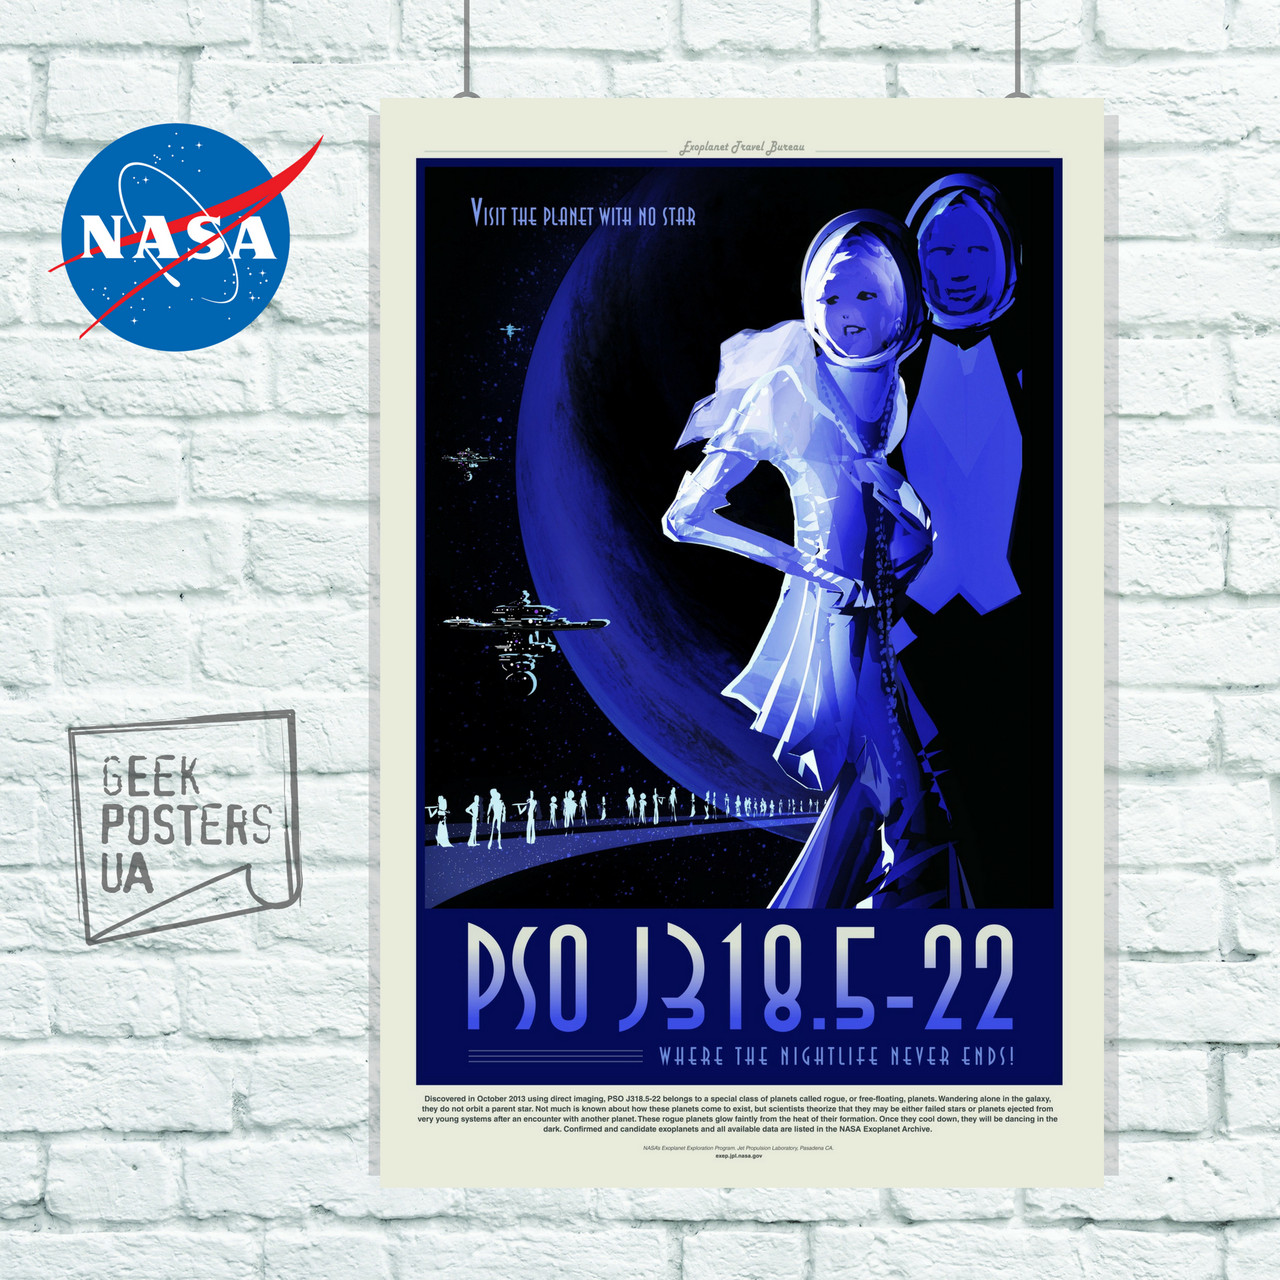 Постер НАСА, NASA, PSO J318. Размер 60x42см (A2). Глянцевая бумага